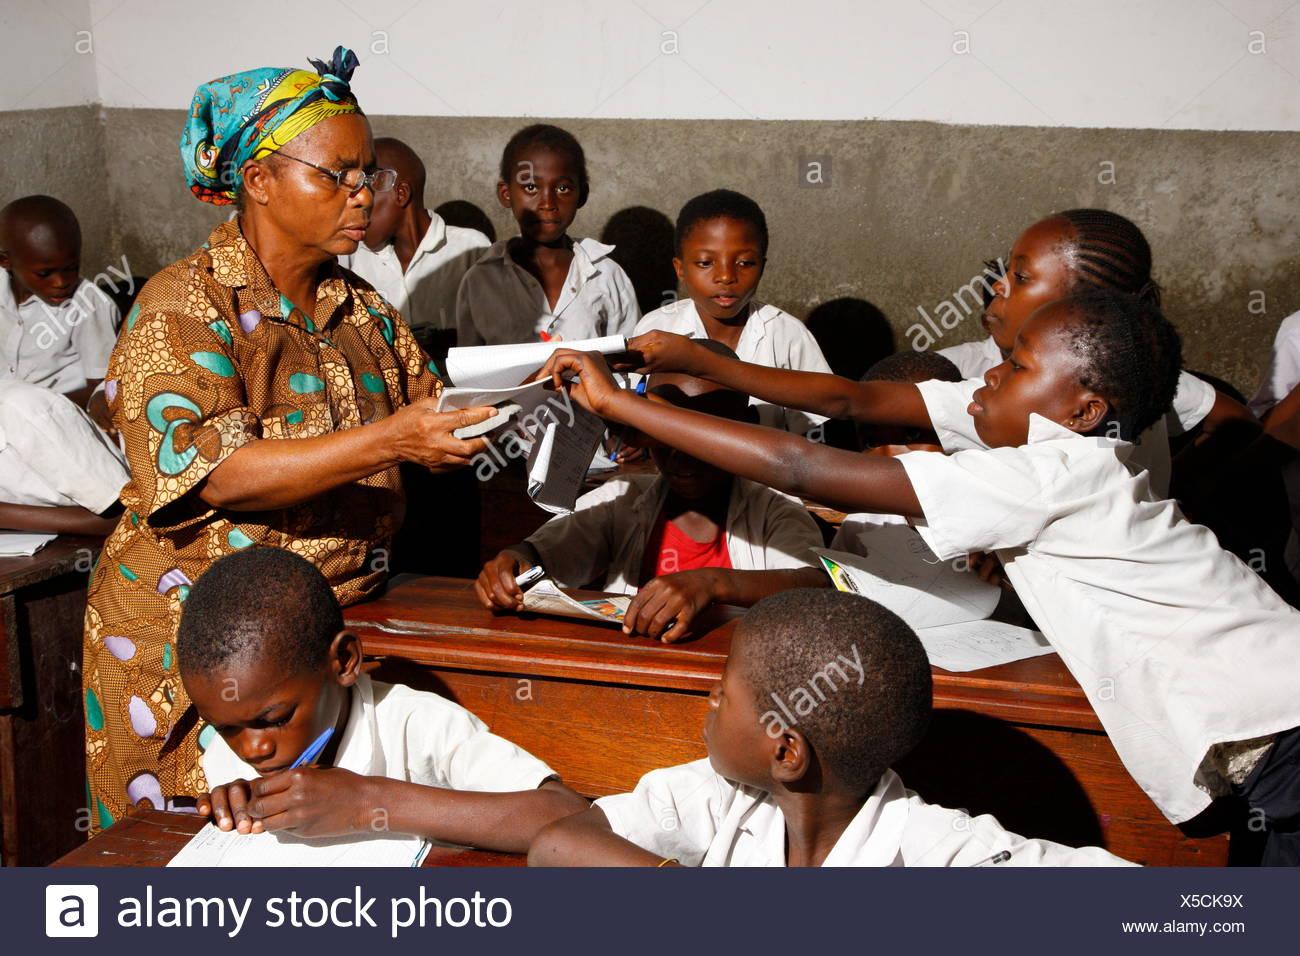 Lehrer und Schülerinnen und Schüler in Schuluniform während des Unterrichts, Kinshasa, Kongo Stockbild